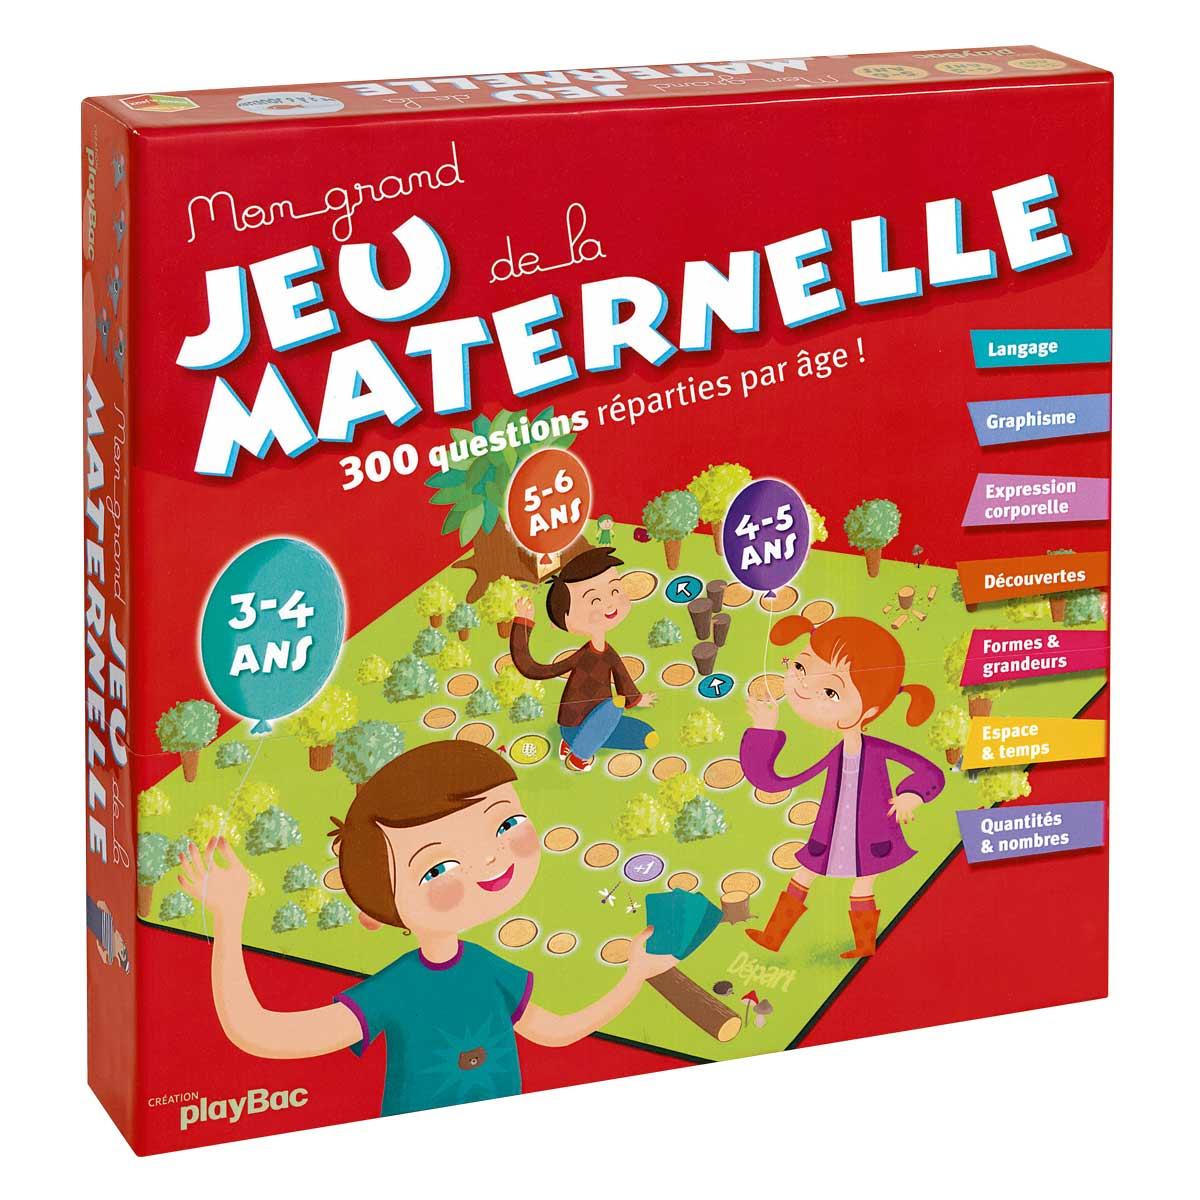 Mon Grand Jeu De La Maternelle à Jeux Pedagogique Maternelle